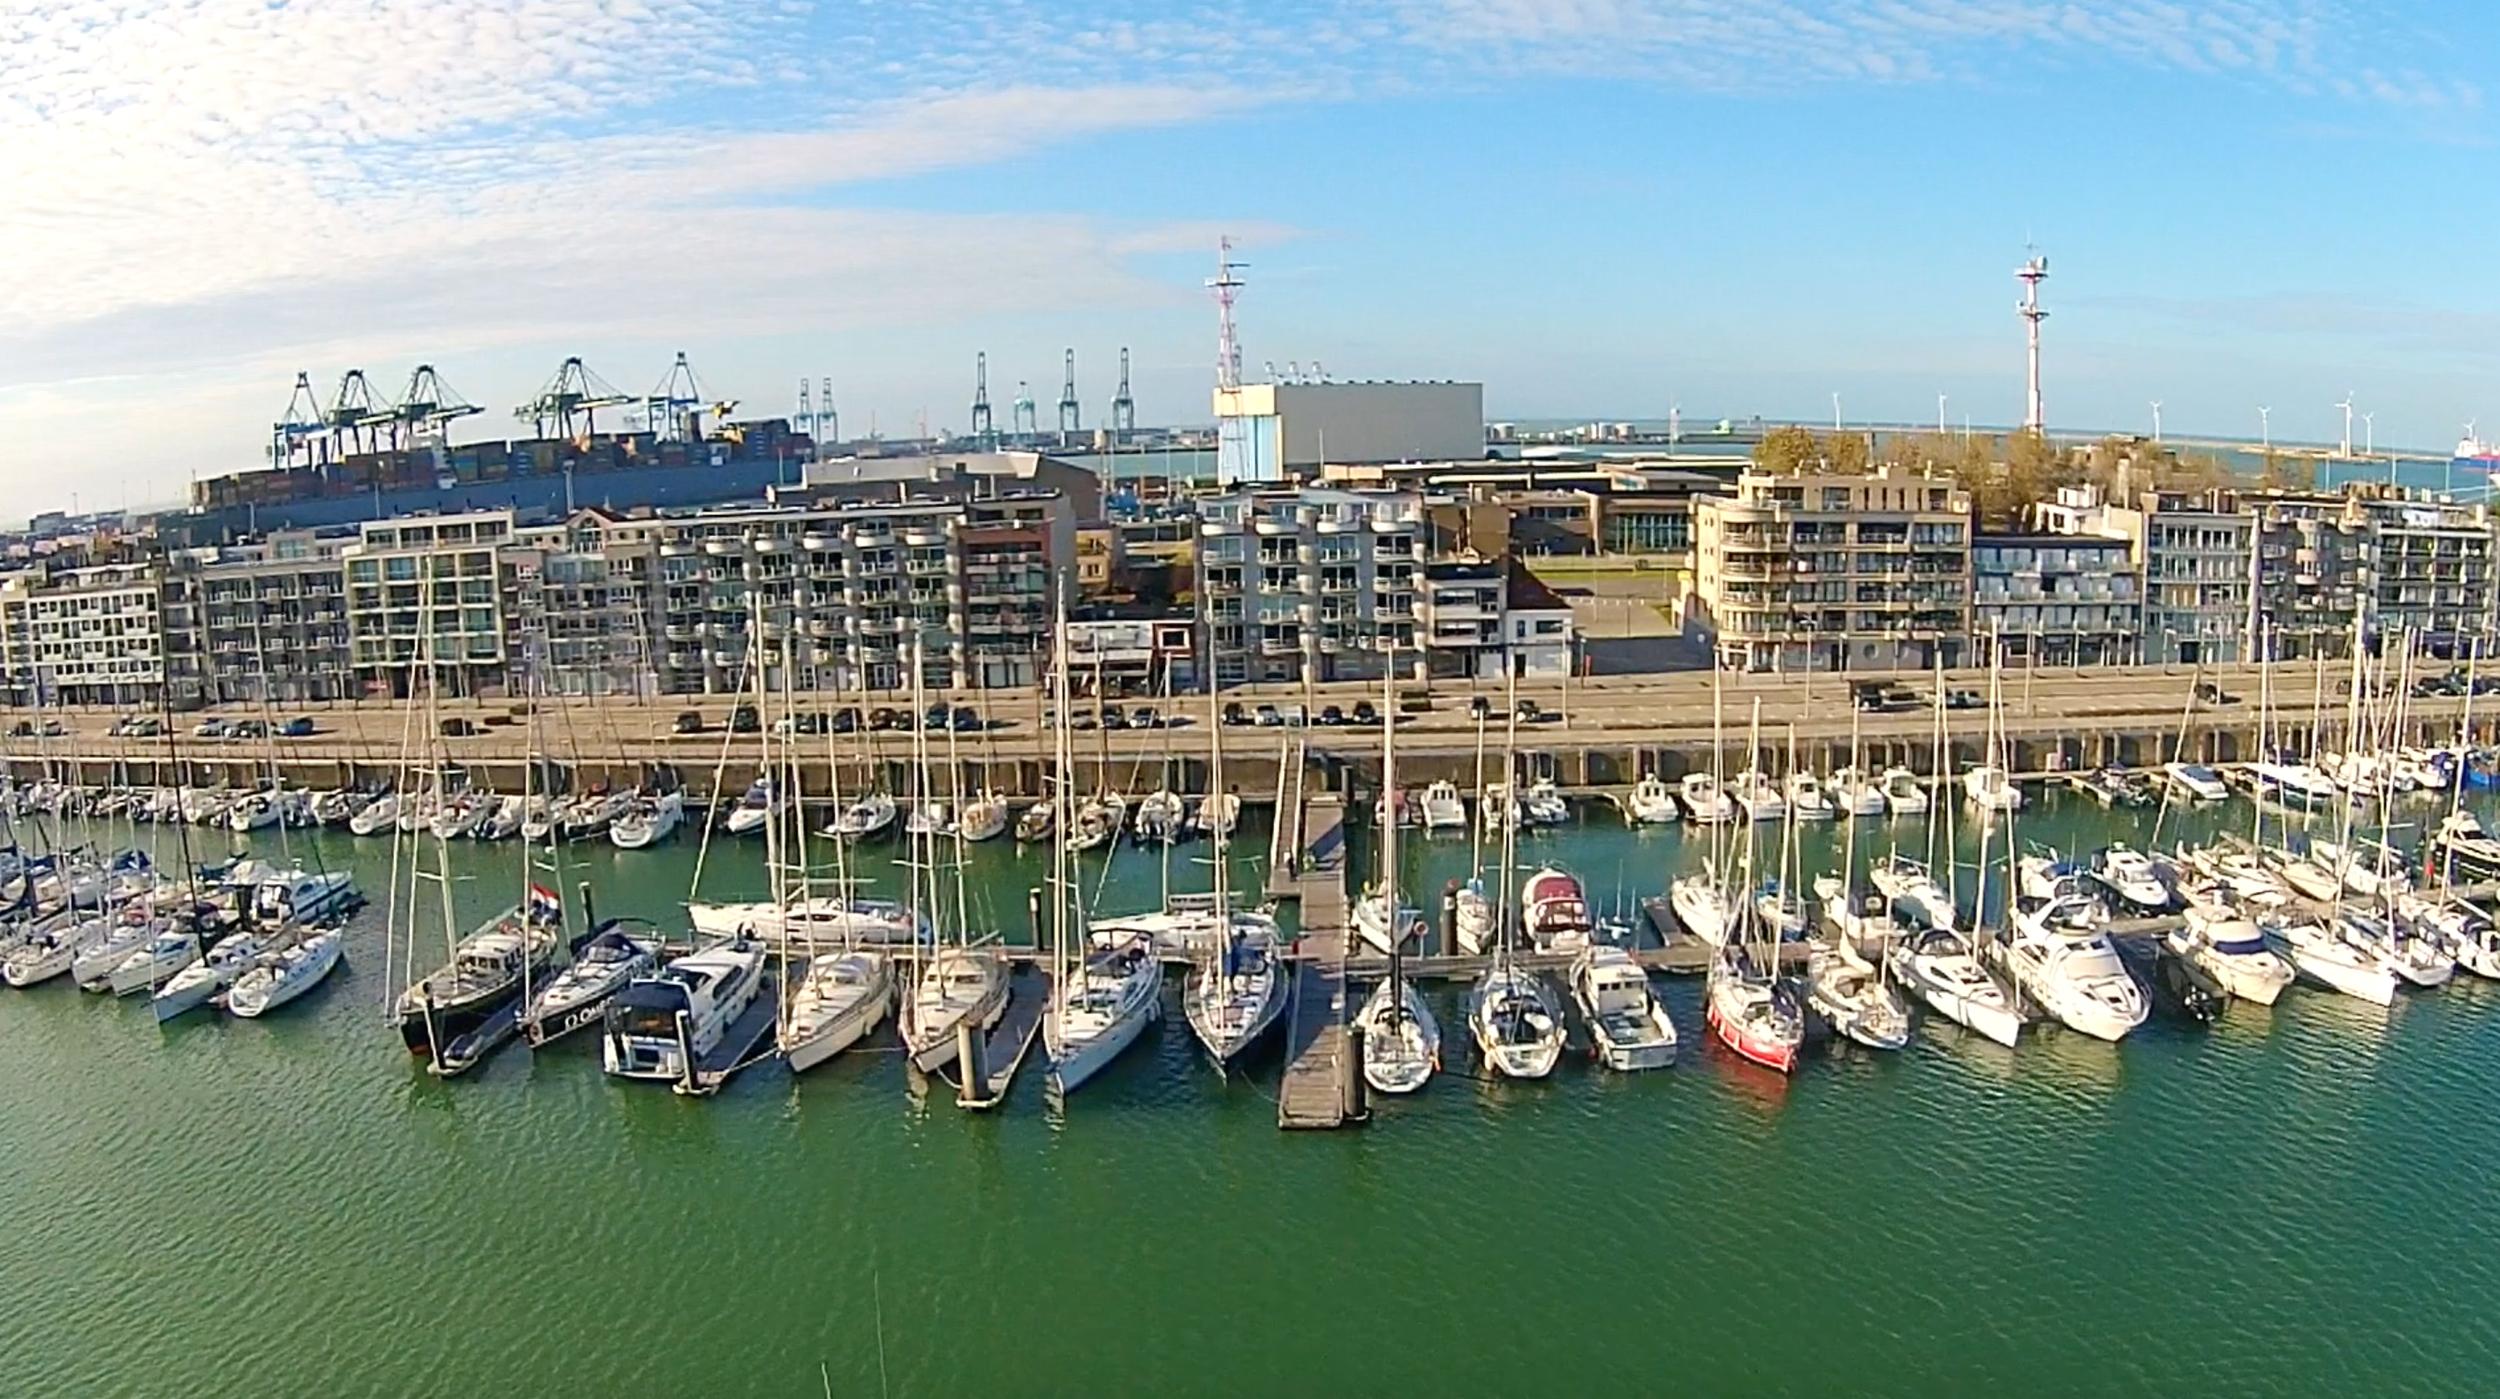 Er wordt meer in de jachthaven van Zeebrugge geïnvesteerd dan in de jachthaven van Nieuwpoort